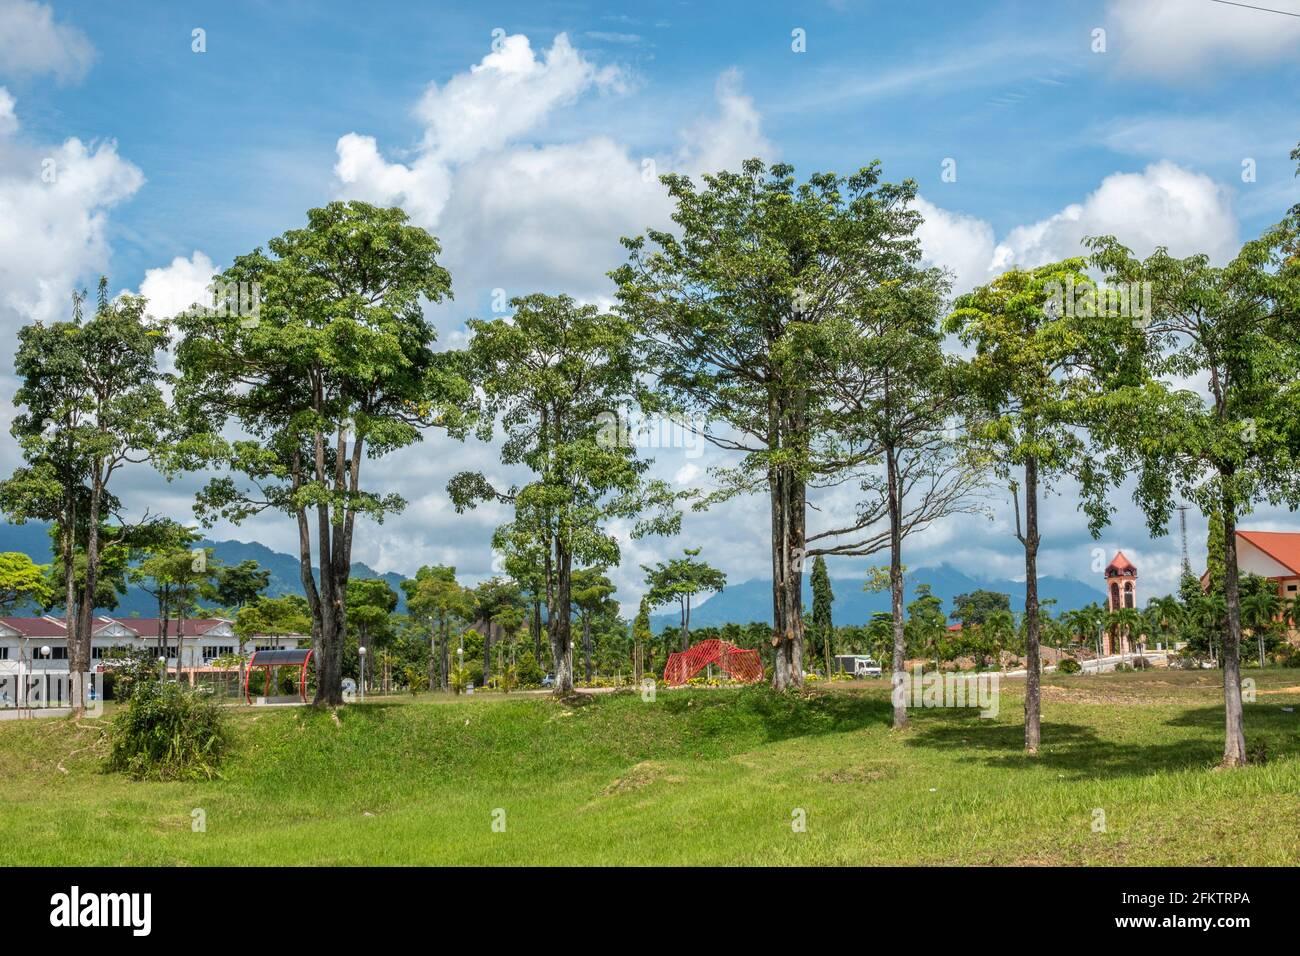 Arbres de la ville de Tebedu, Serian, Sarawak, Malaisie orientale Banque D'Images